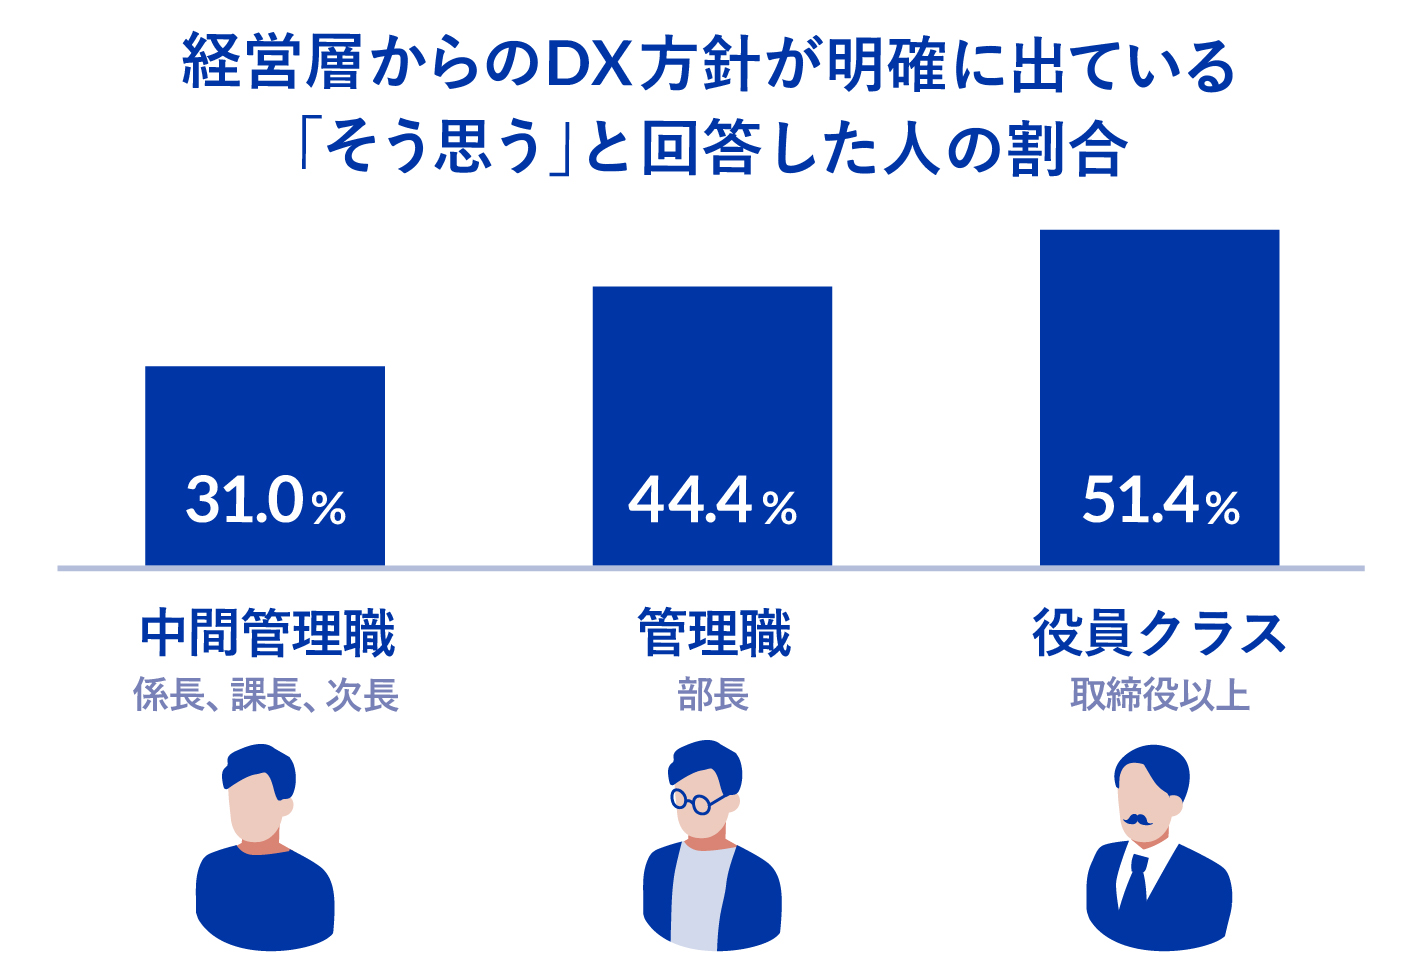 【図①:経営層からDX方針が明確にでていると答えた人(役職別)】